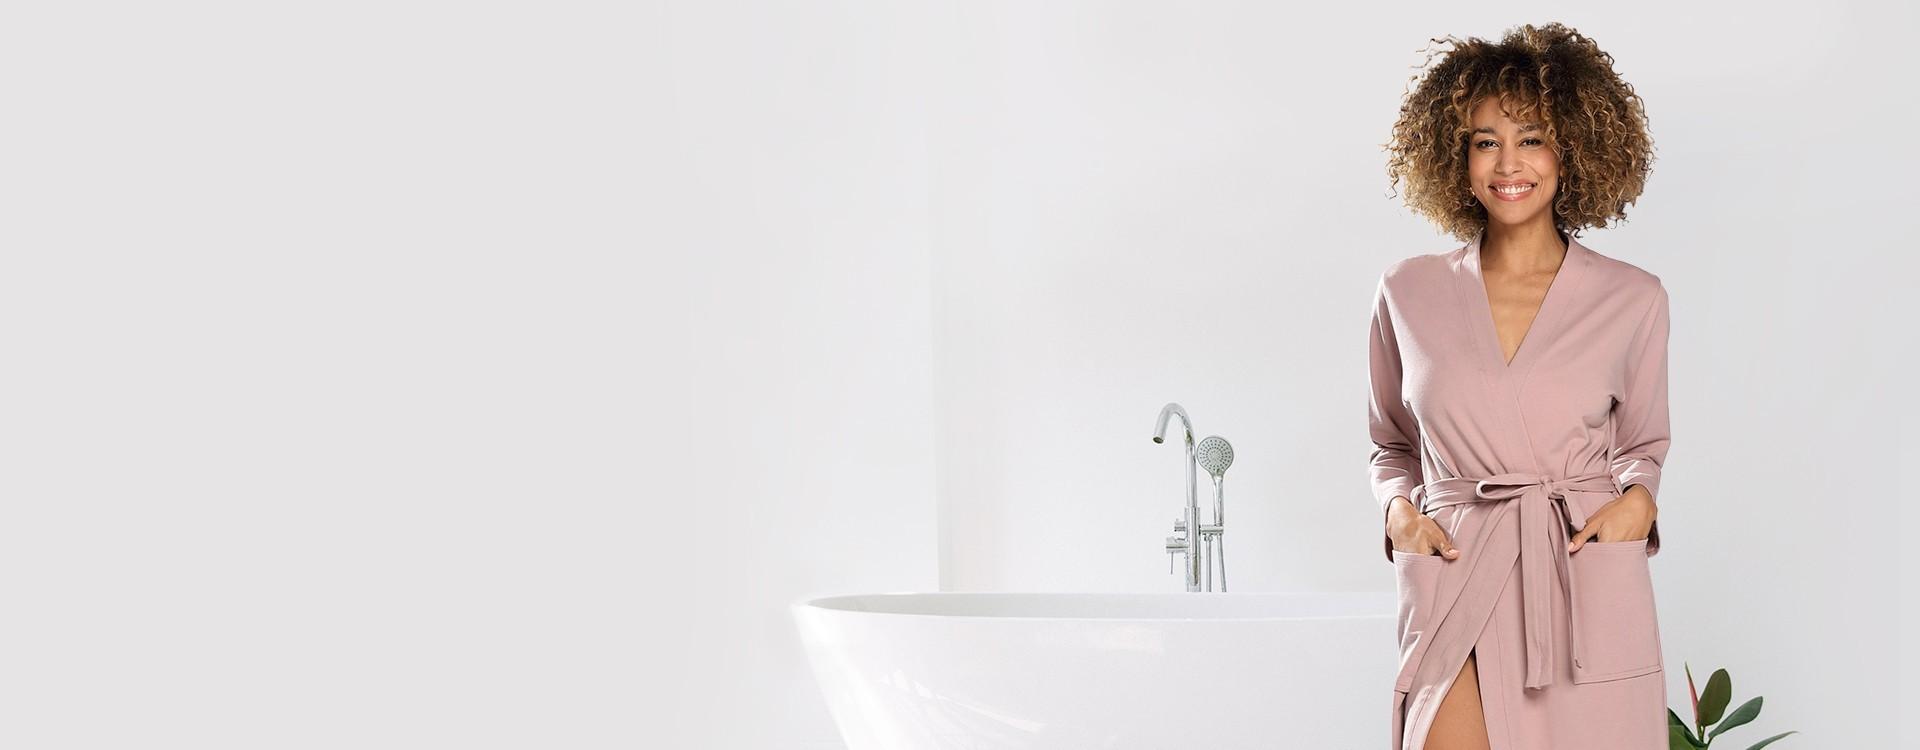 Piękne szlafroki damskie w atrakcyjnych cenach. Szlafroki satynowe, bawełniane, frotte. Szlafroki ślubne i  na wieczór panieński. Duży wybór kolorów i wzorów.